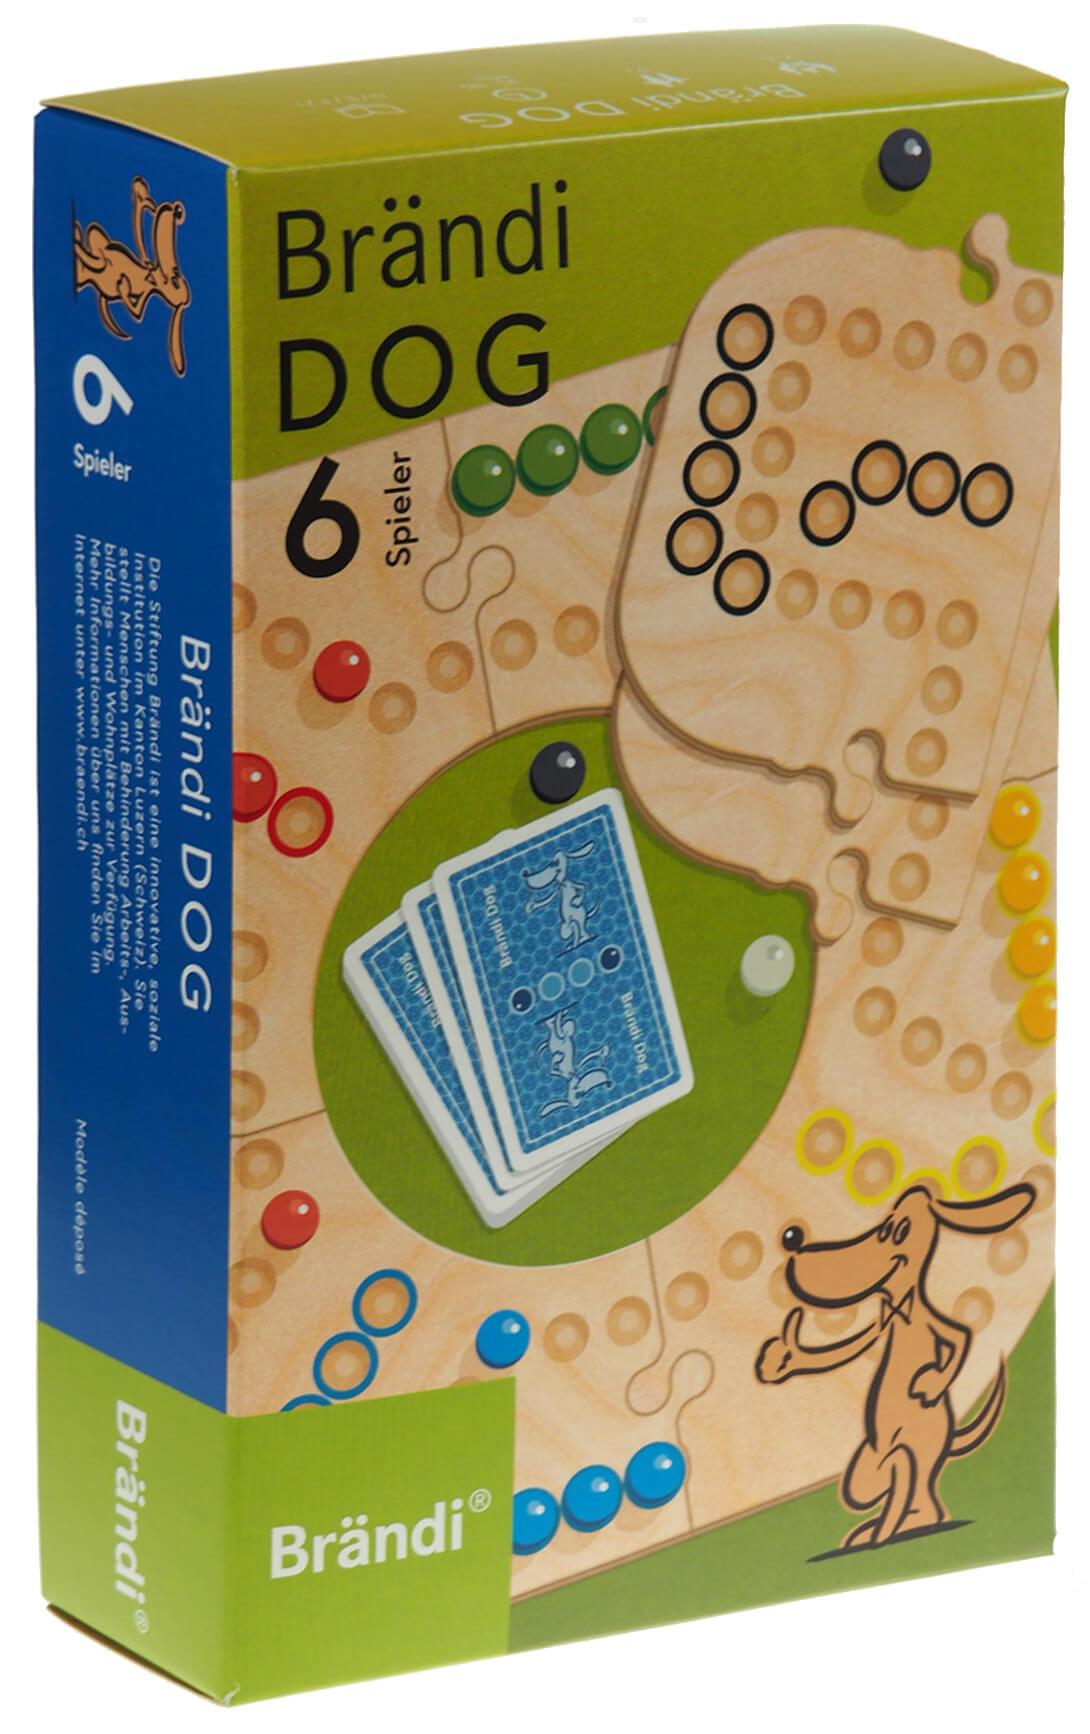 Schachtel Vorderseite - Brändi Dog für 6 Spieler- Brändi Dog per 6 giocatori